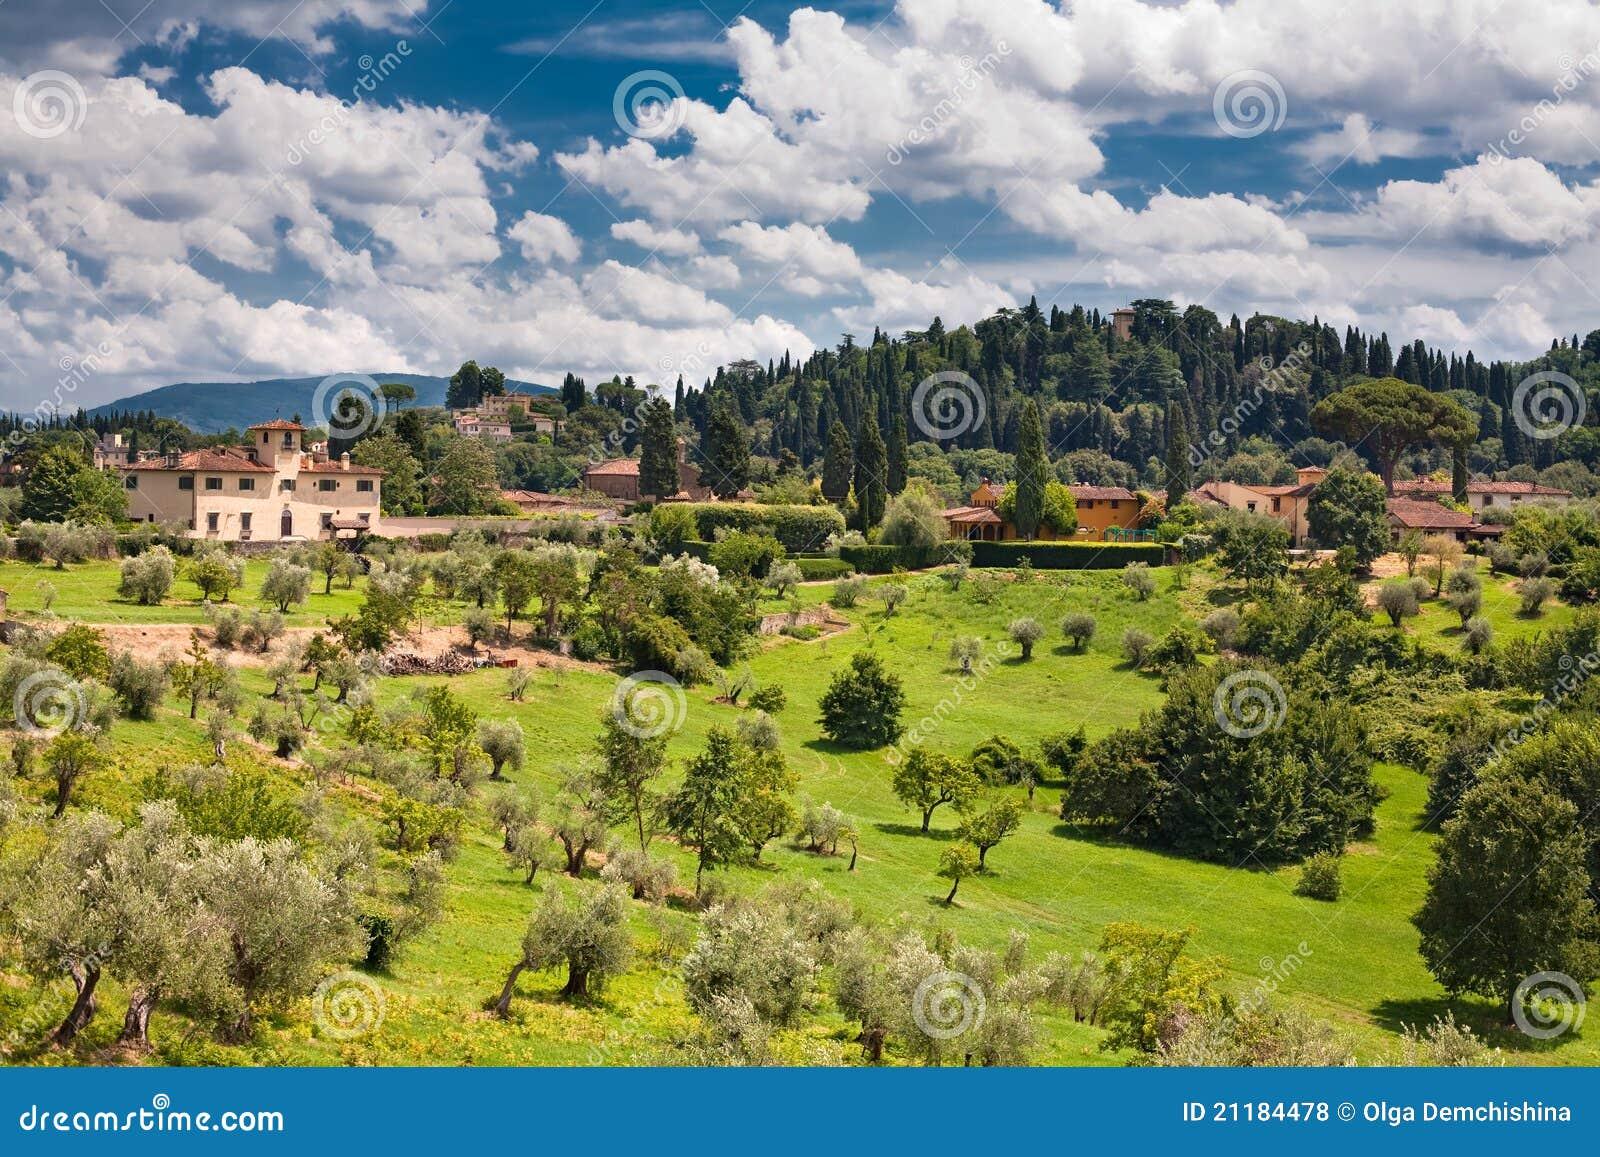 Italian region Tuscany